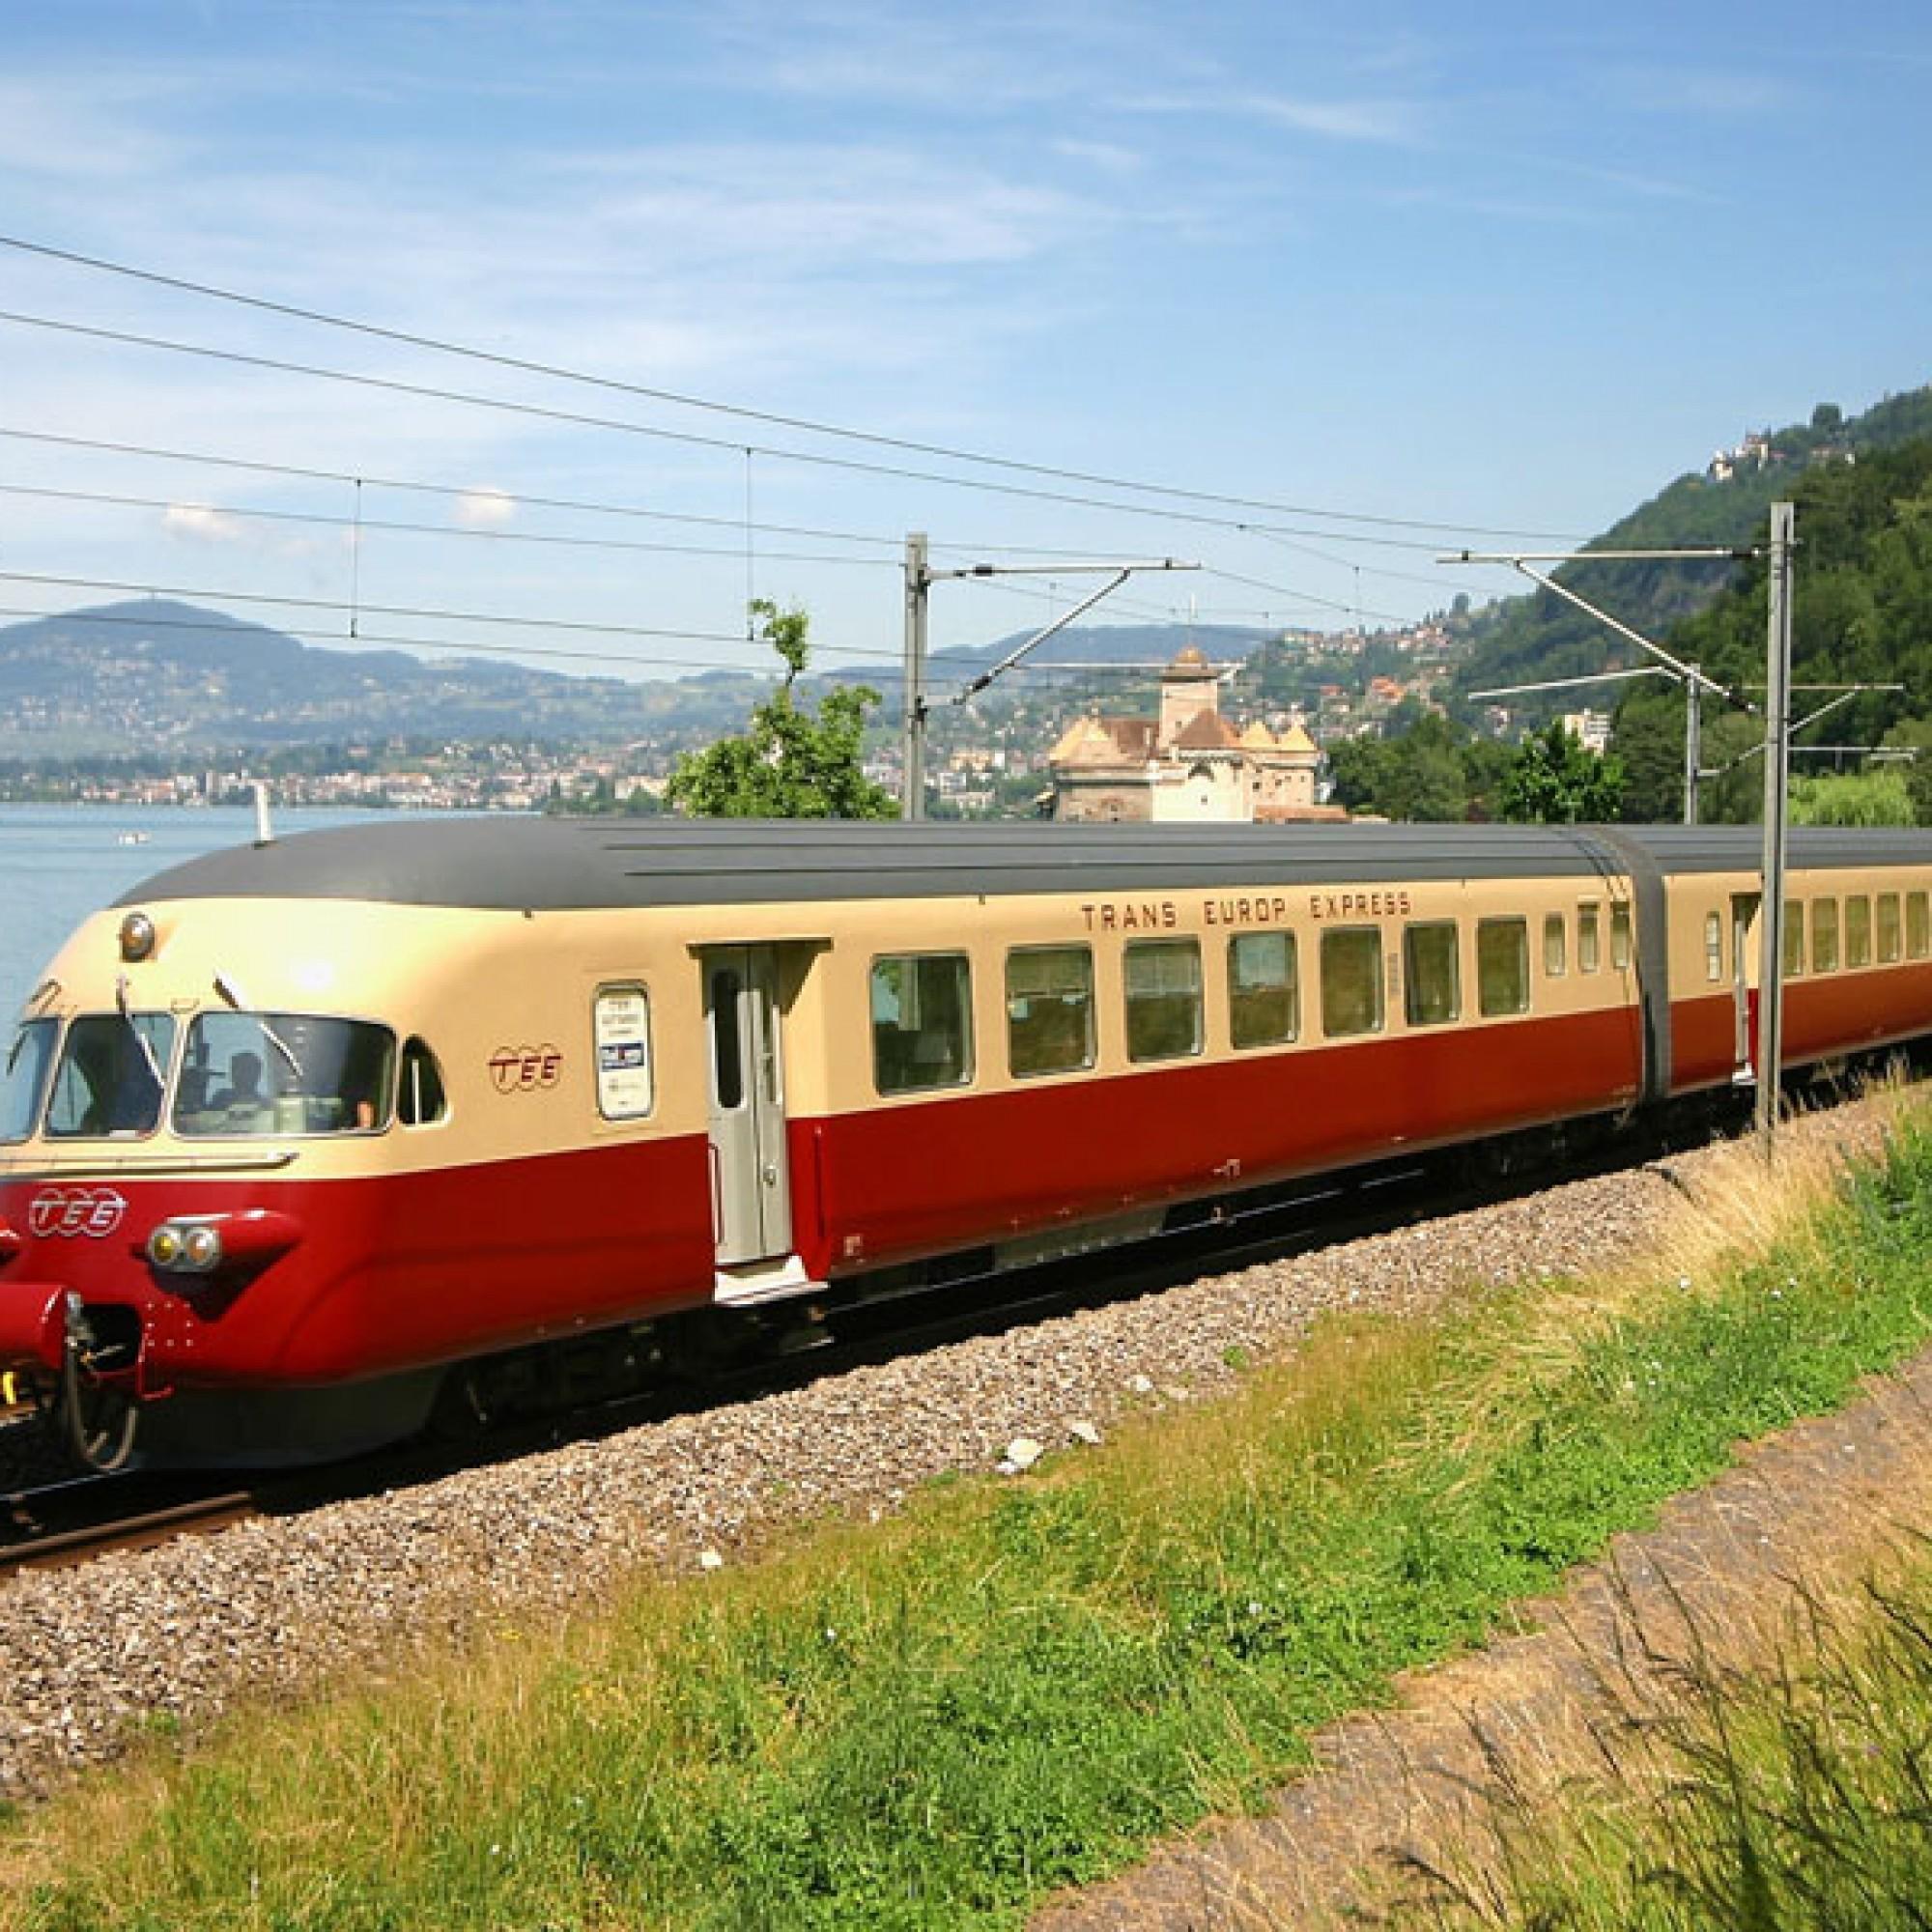 Eine gelb-rote Eisenbahn-Legende aus dem Hause SIG: Der Trans Europa Express TEE, hier vor dem Schloss Chillon am Genfersee.